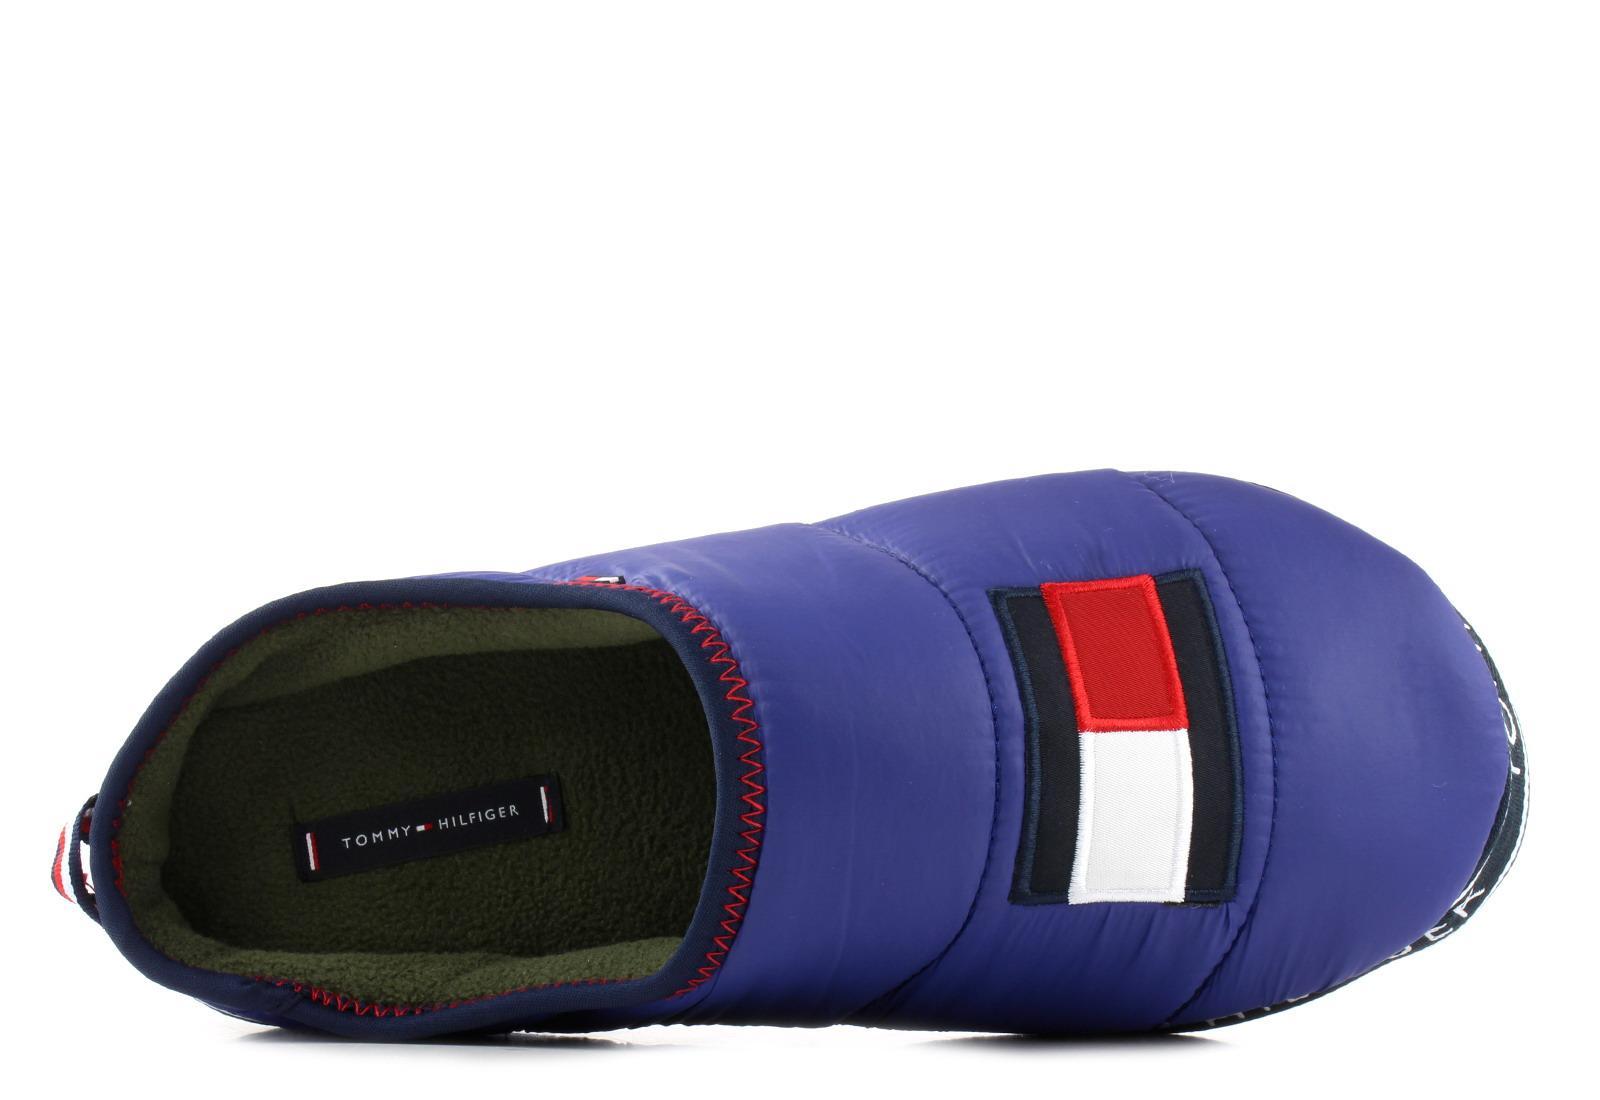 66a718cd55 Tommy Hilfiger Sobna Obuća Plava Papuče - Downslipper - Office Shoes ...